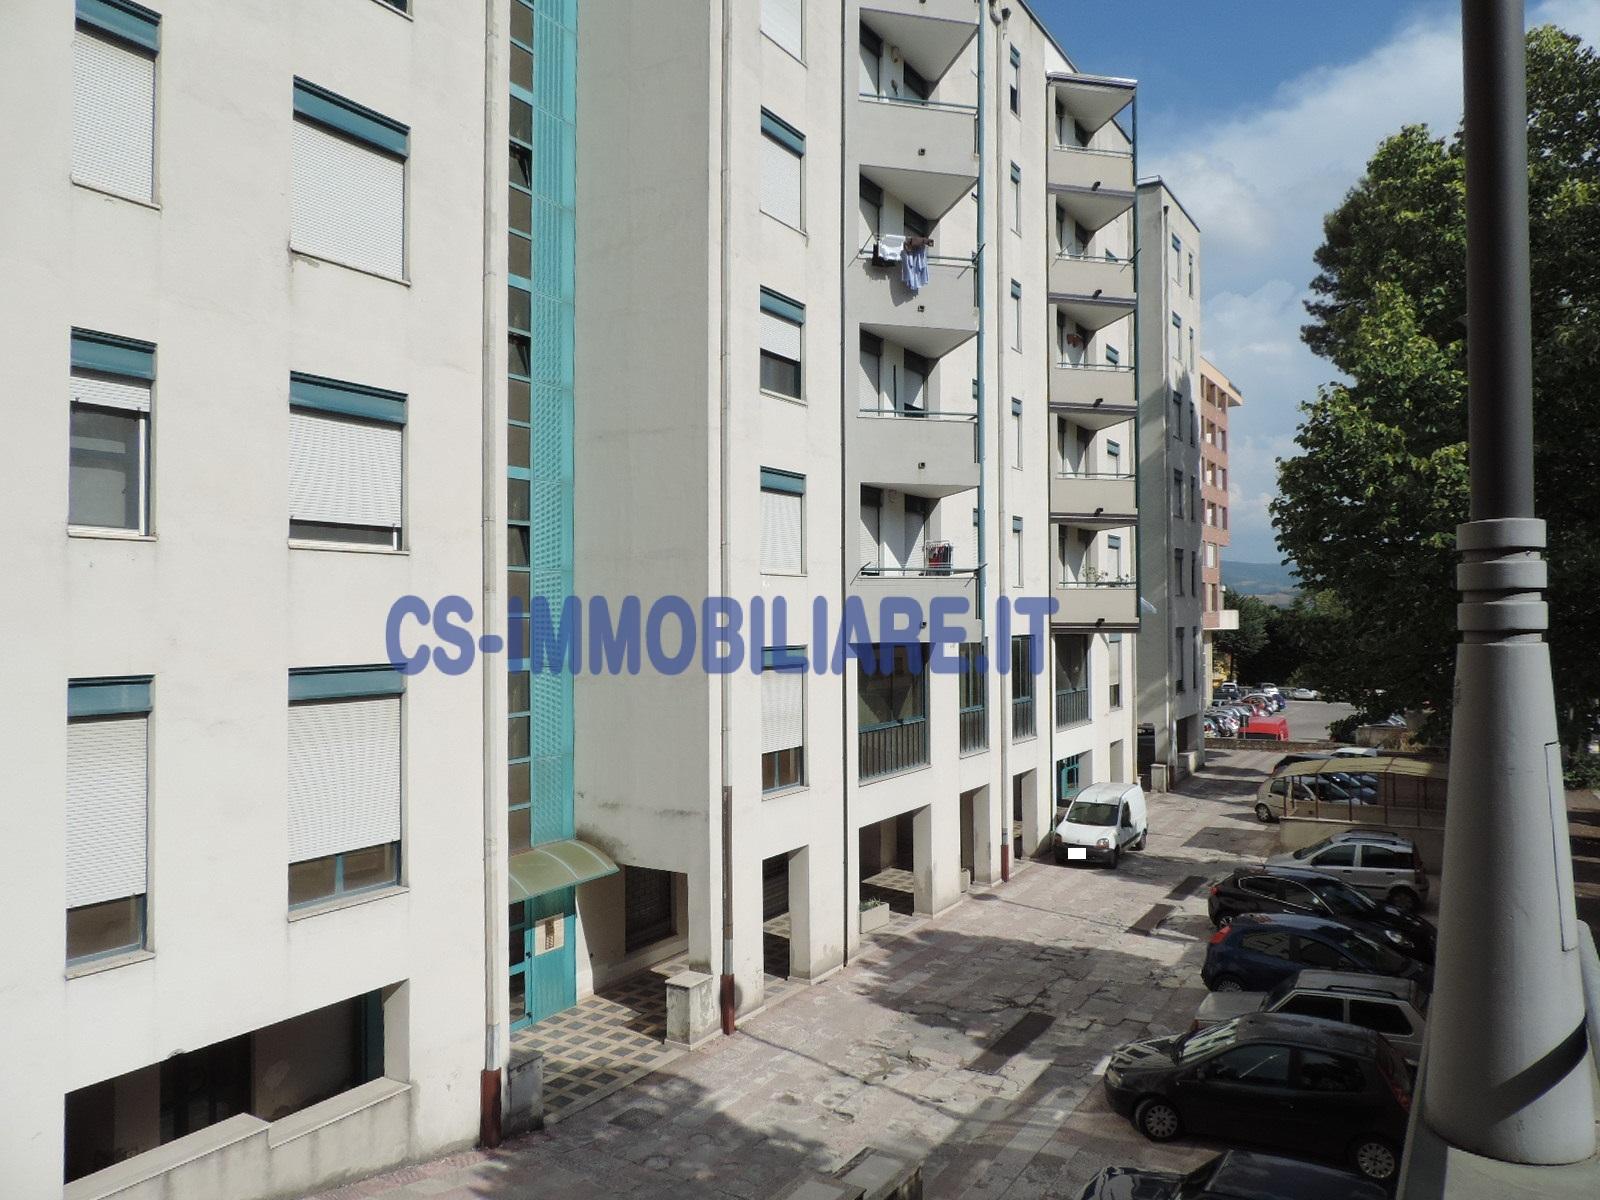 Appartamento in vendita a Potenza, 4 locali, prezzo € 124.000 | Cambio Casa.it